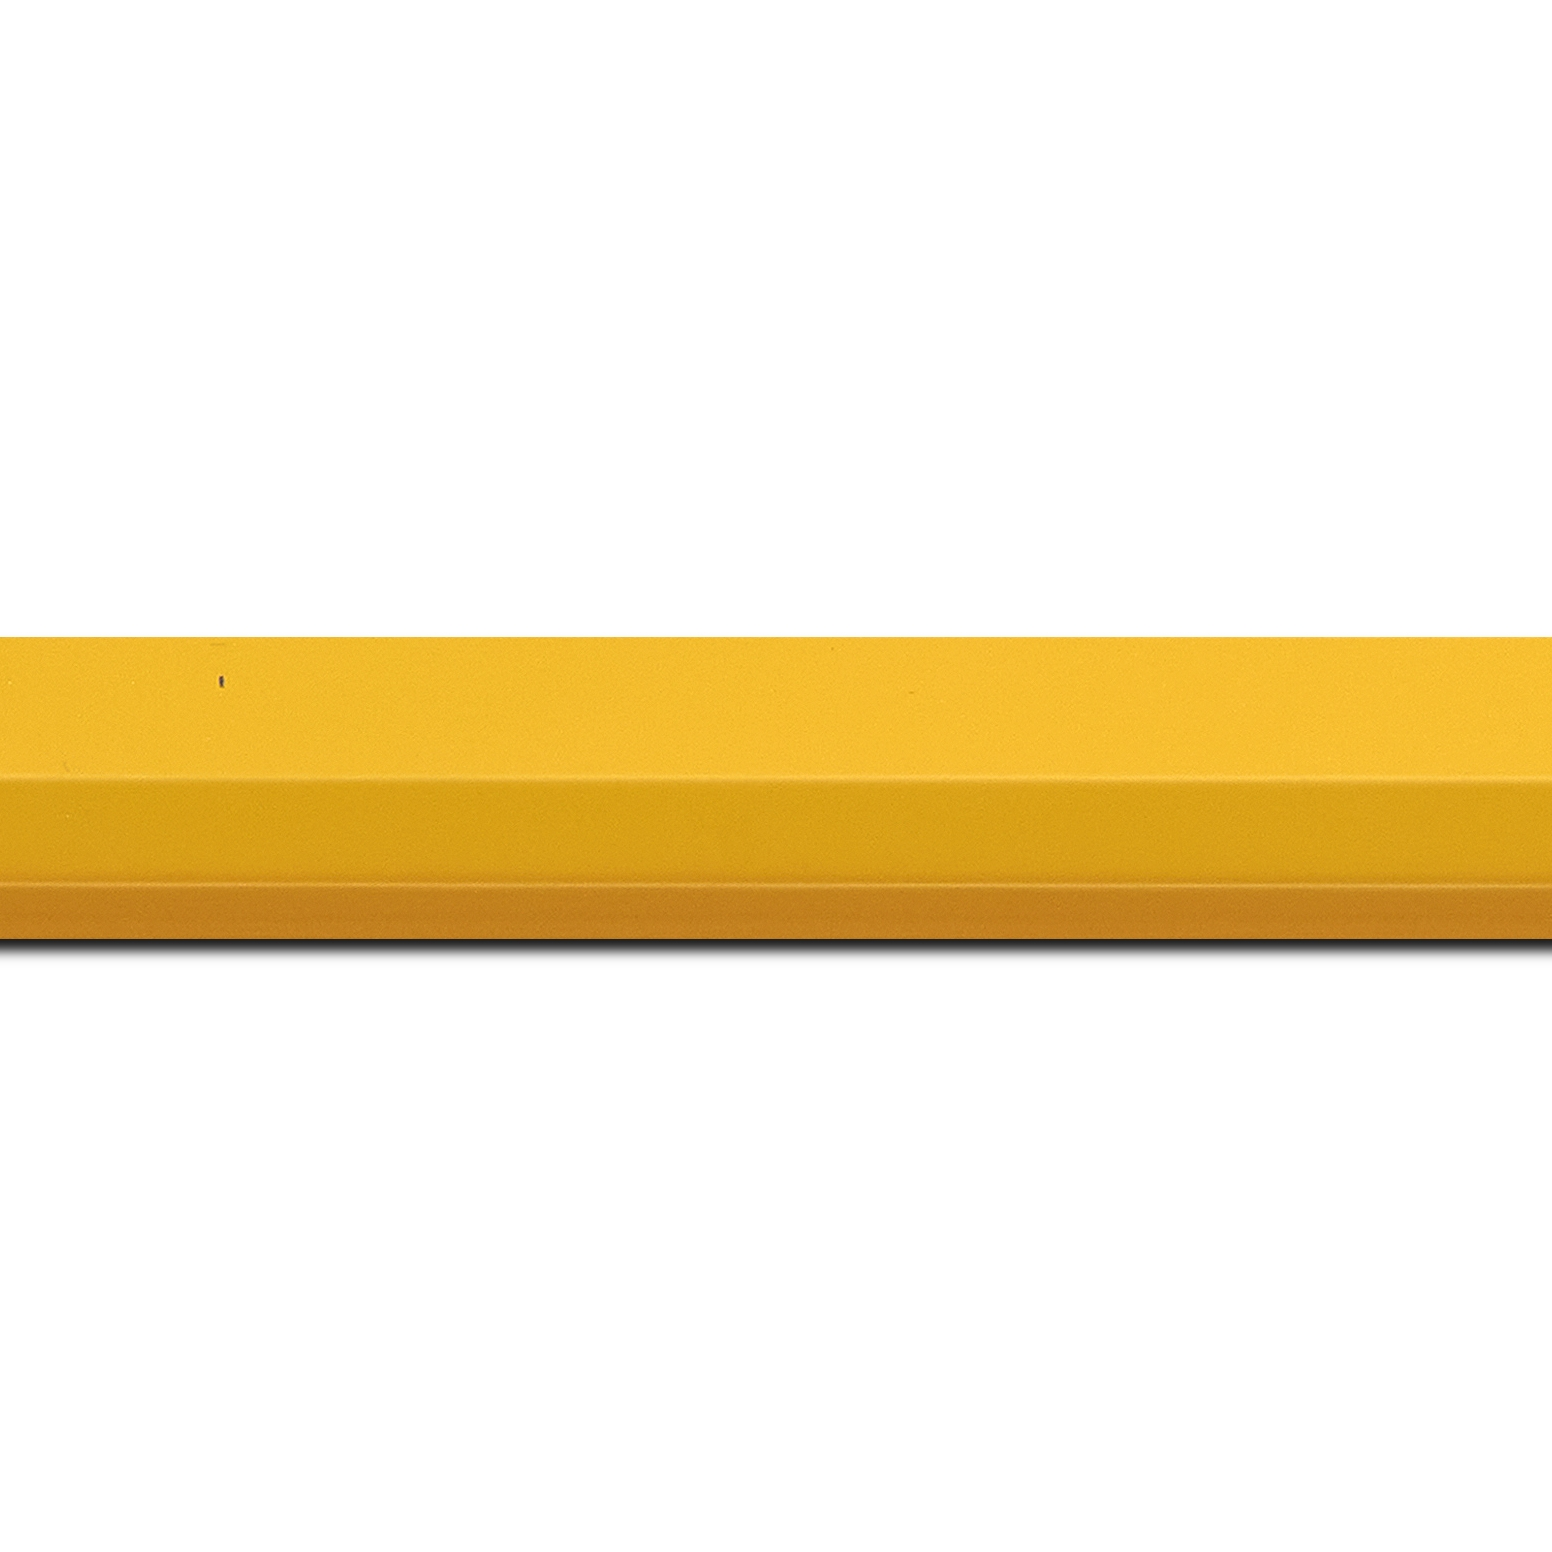 Baguette longueur 1.40m bois profil plat profil plat 3 faces largeur 2.8cm de couleur jaune mat , nez intérieur jaune + foncé mat dégradé (finition pore bouché)